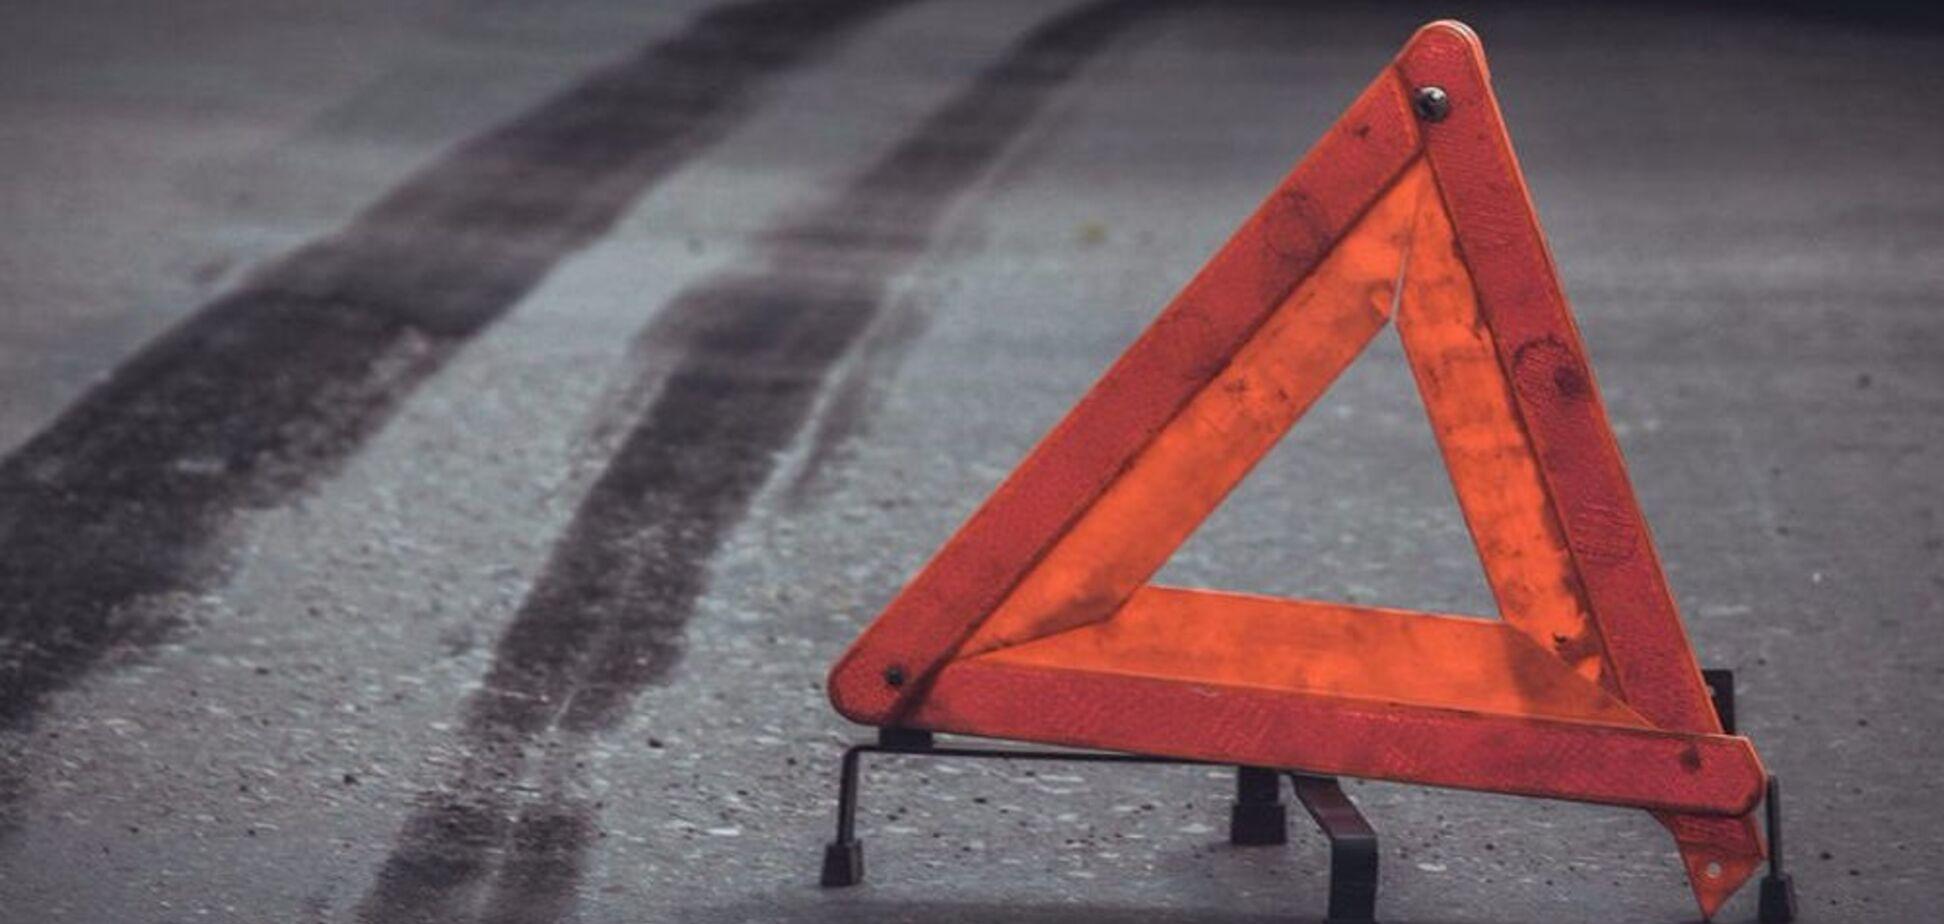 Від травм втратила пам'ять: у Черкасах водій збив жінку та кинув її біля під'їзду